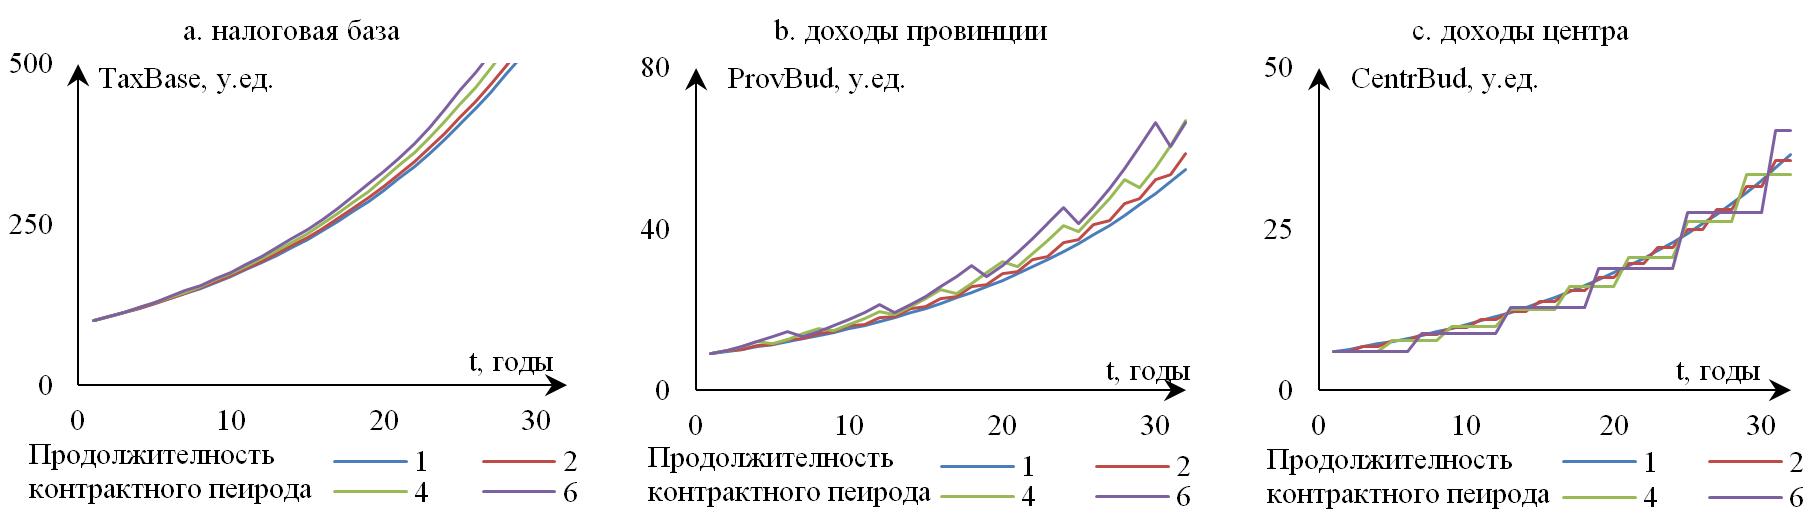 Рисунок 10. Влияние продолжительности контрактного периода на динамику показателей фискальной системы